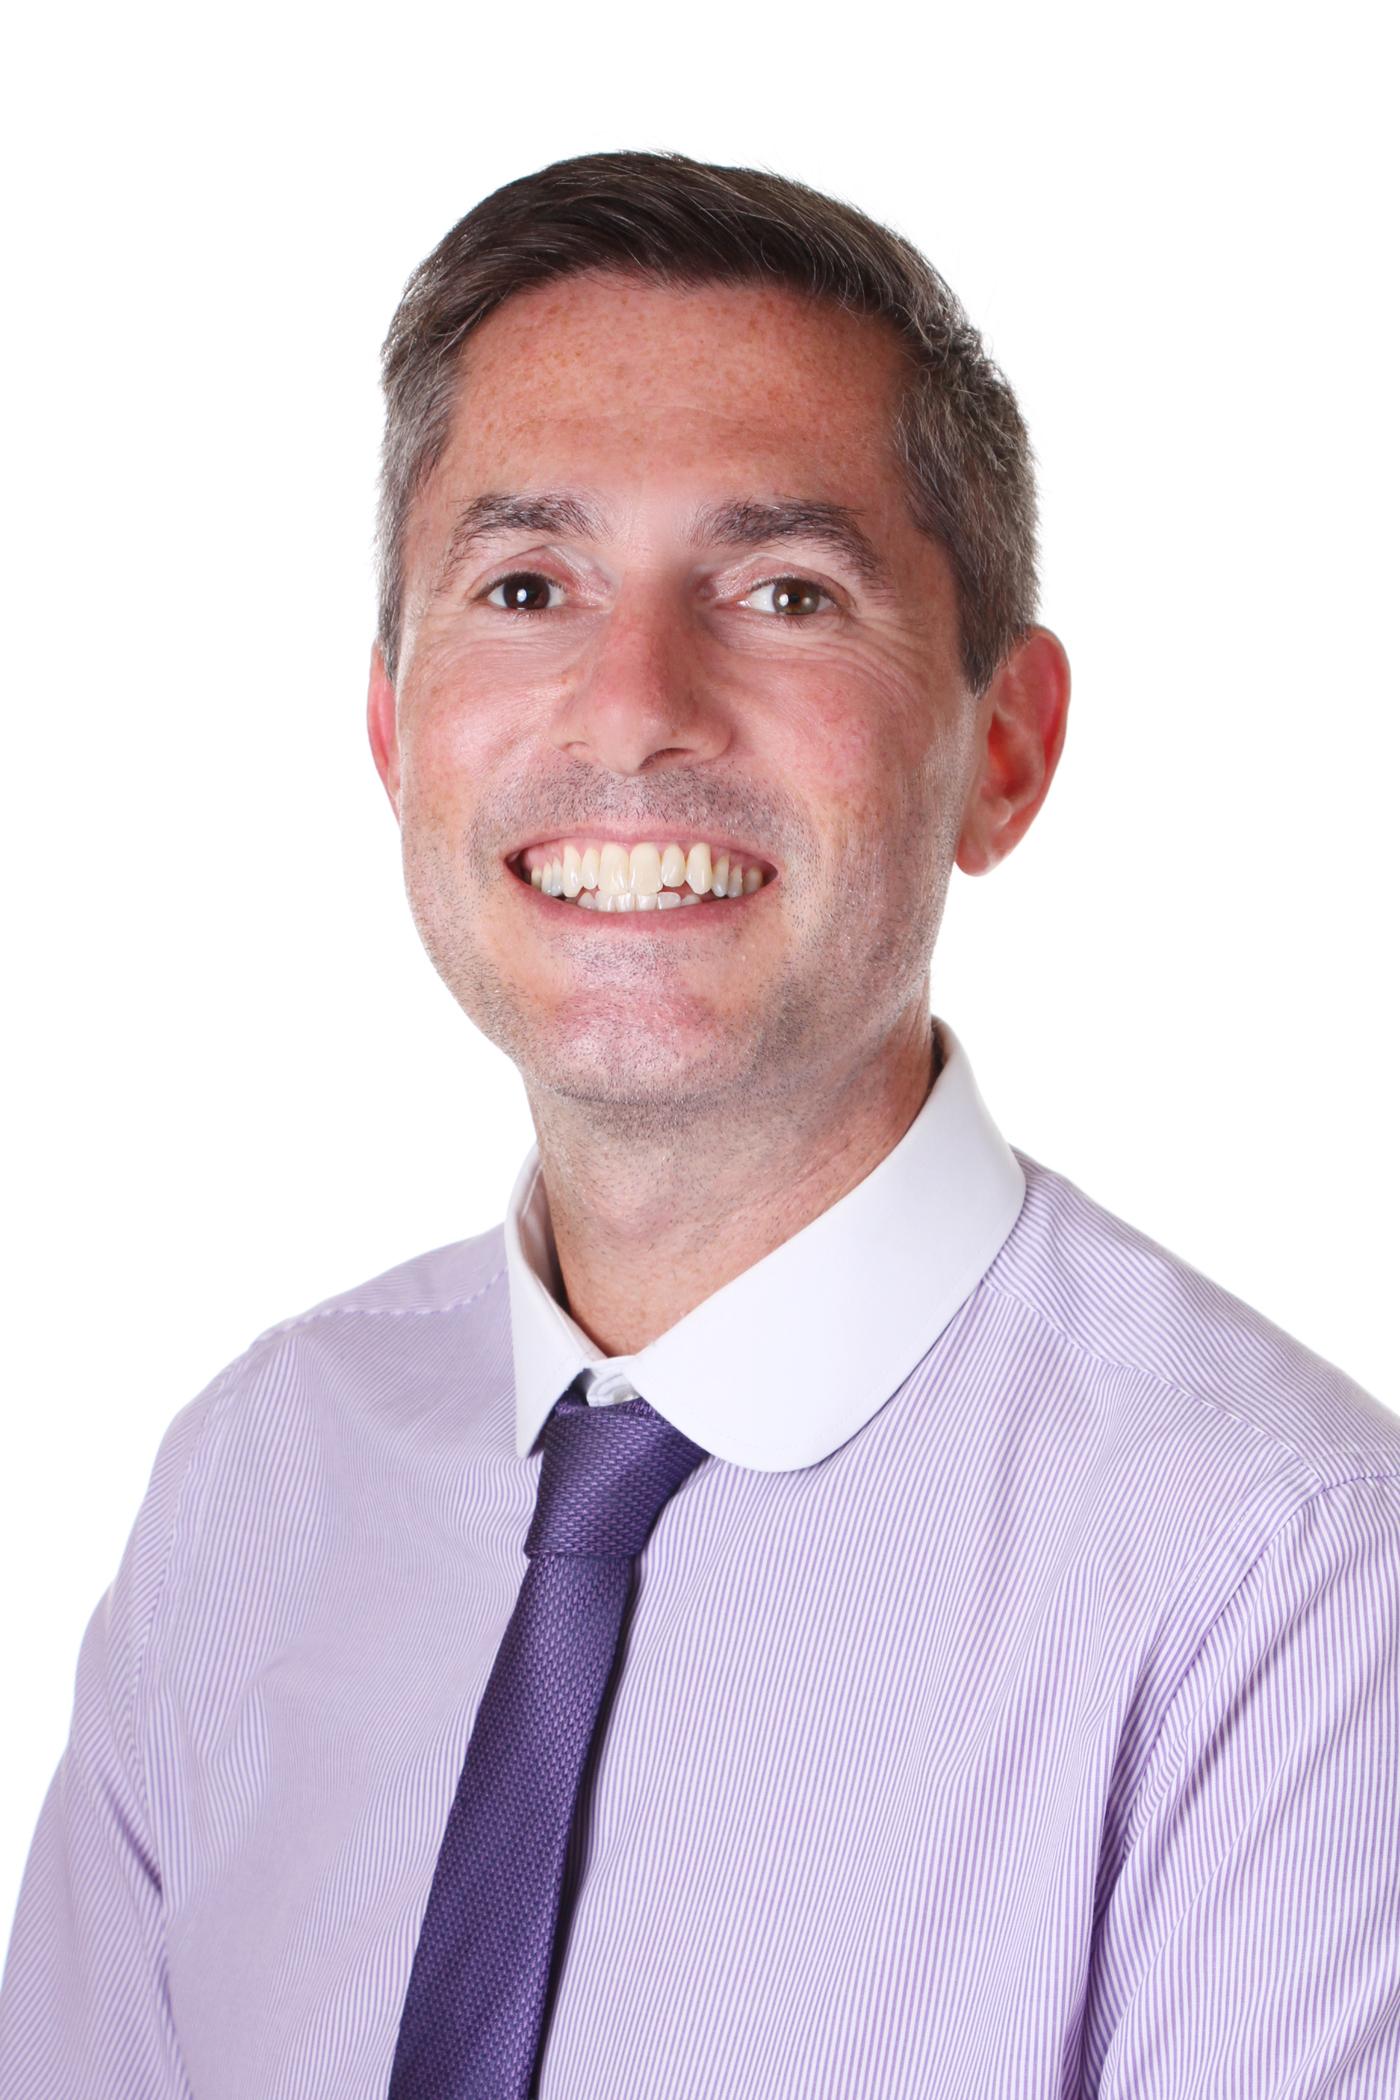 Paul Hooper : Head Teacher & Designated Safeguarding Lead